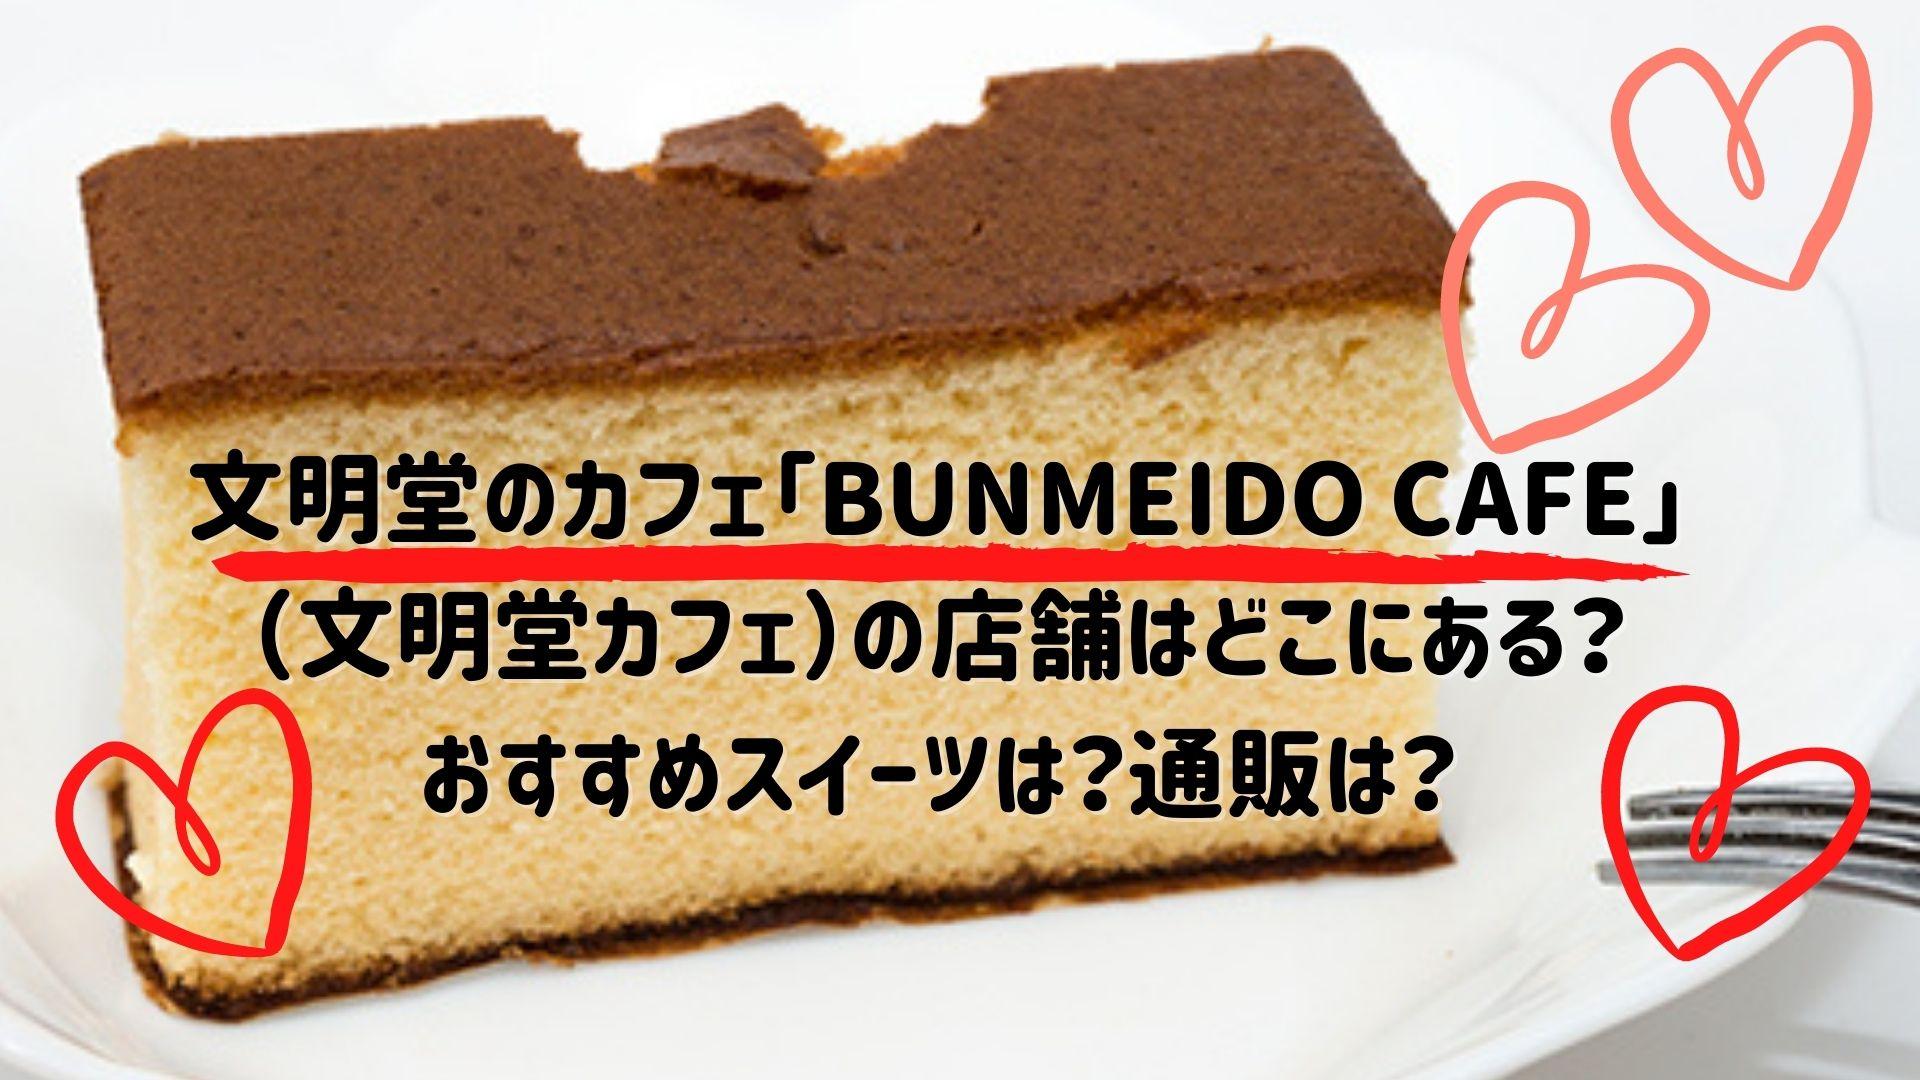 文明堂のカフェ BUNMEIDO CAFE 文明堂カフェの店舗はどこ?おすすめスイーツは?通販は?【カンブリア宮殿】